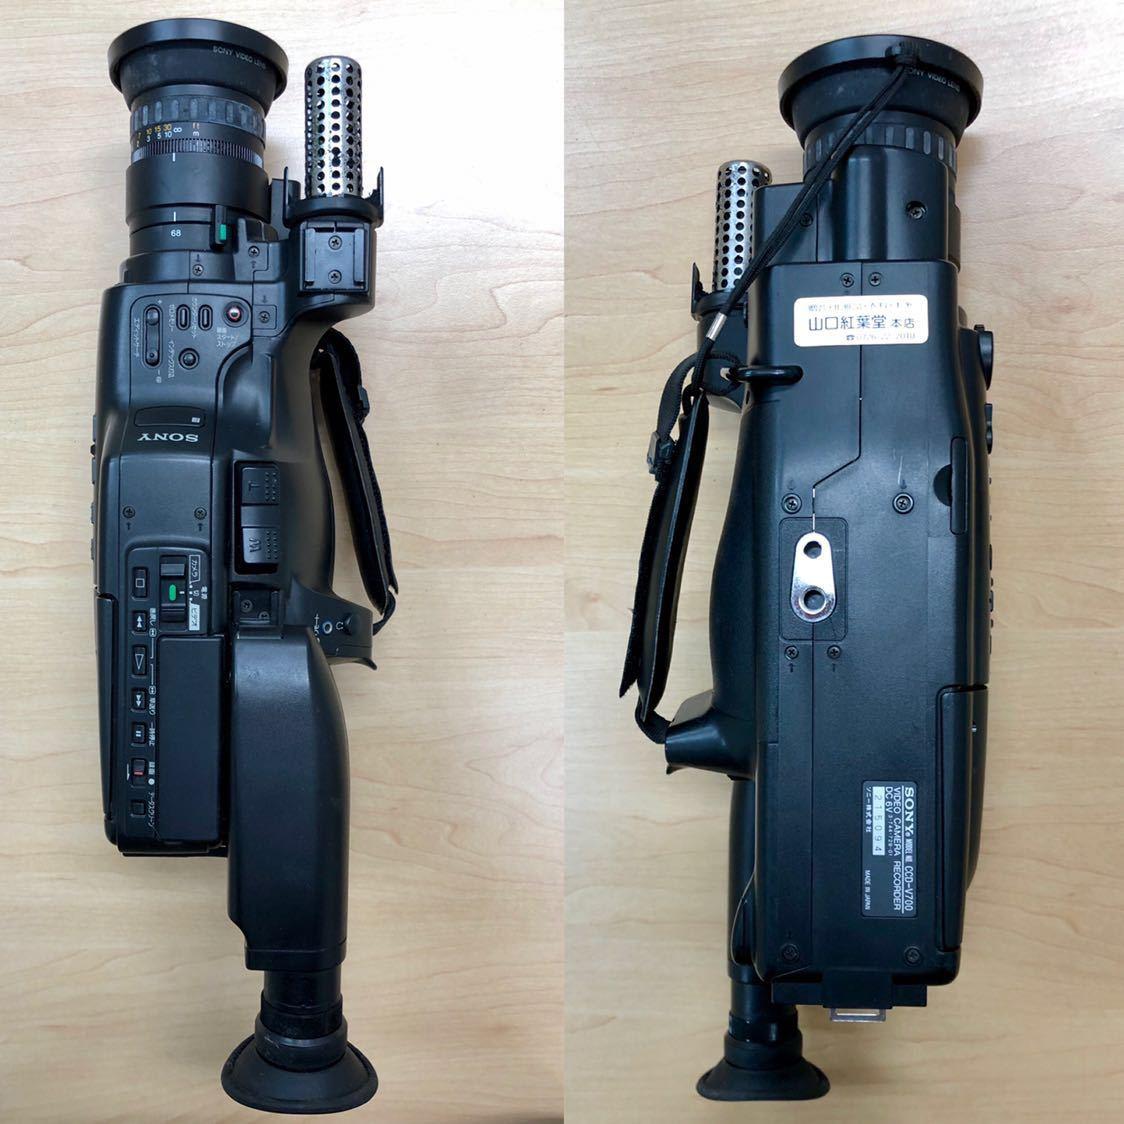 ジャンク品 SONY ソニー video Hi8 Handycam 2点おまとめ / CCD-VX1・CCD-V700_画像9